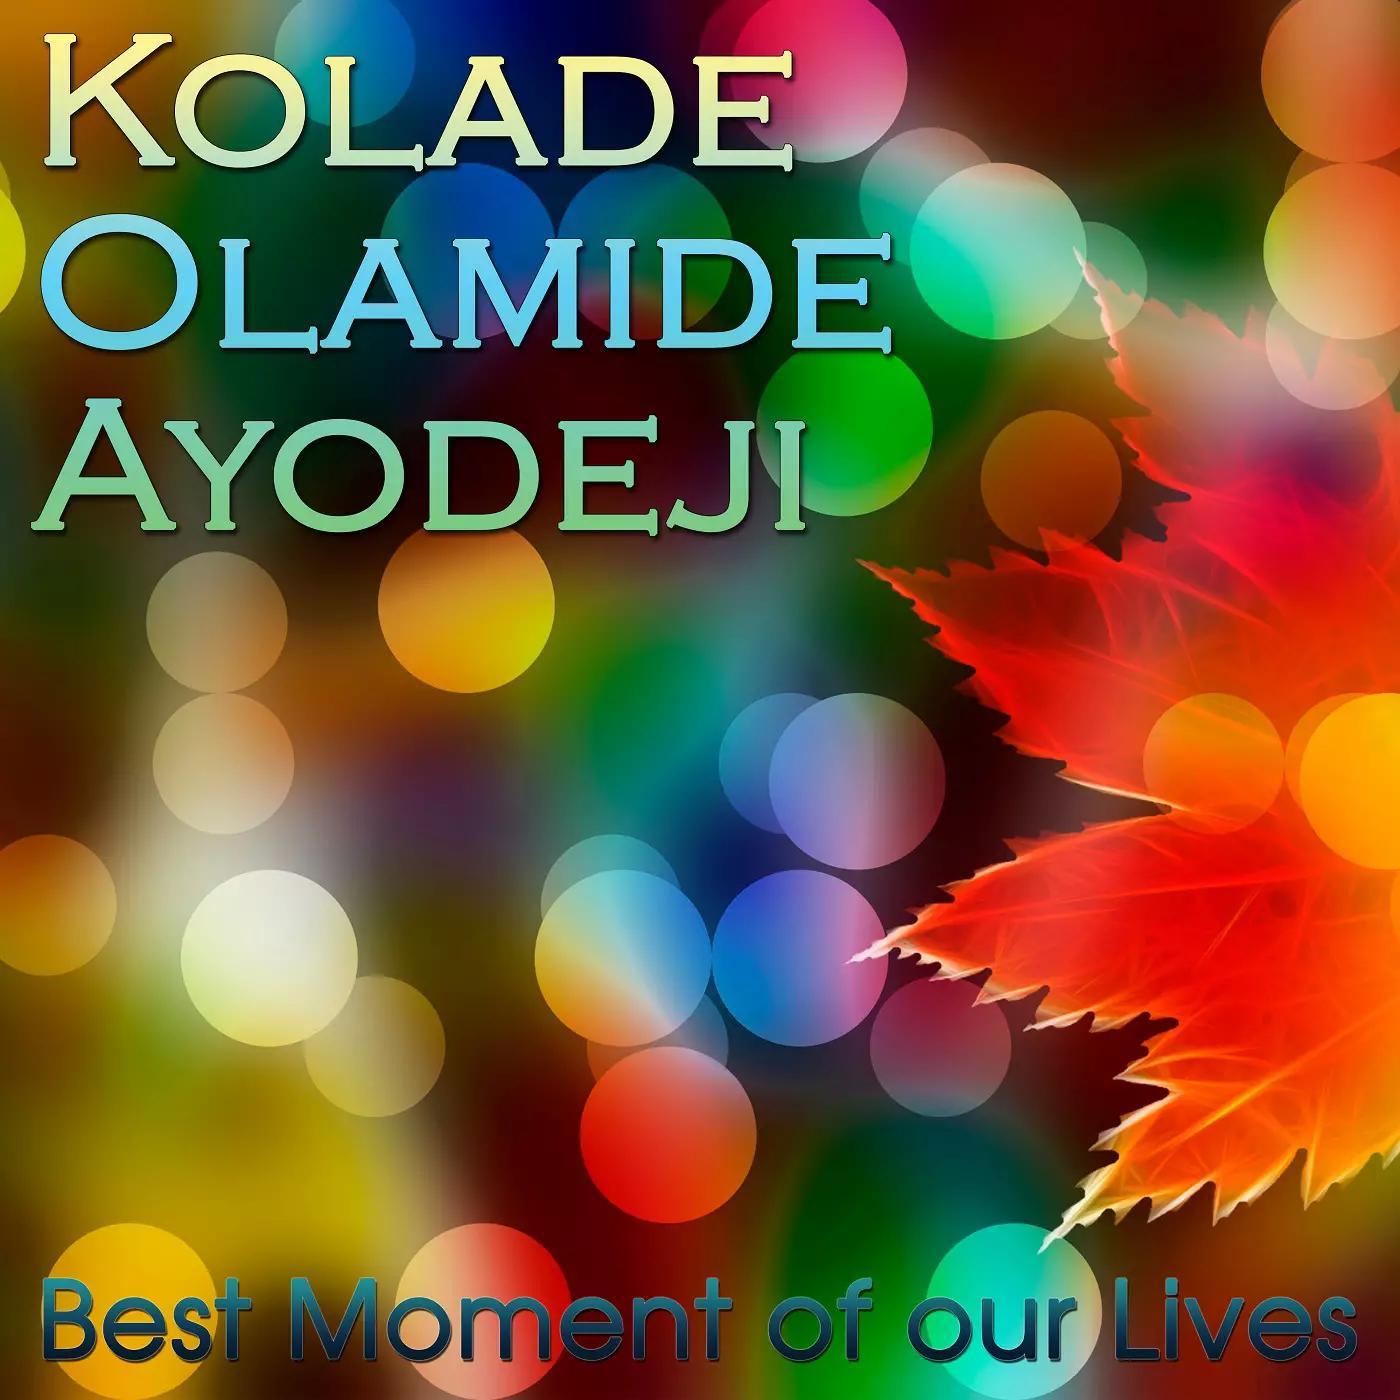 2017-05-28_592a520a839f7_KoladeOlamideAyodeji-BestMomentofourLives